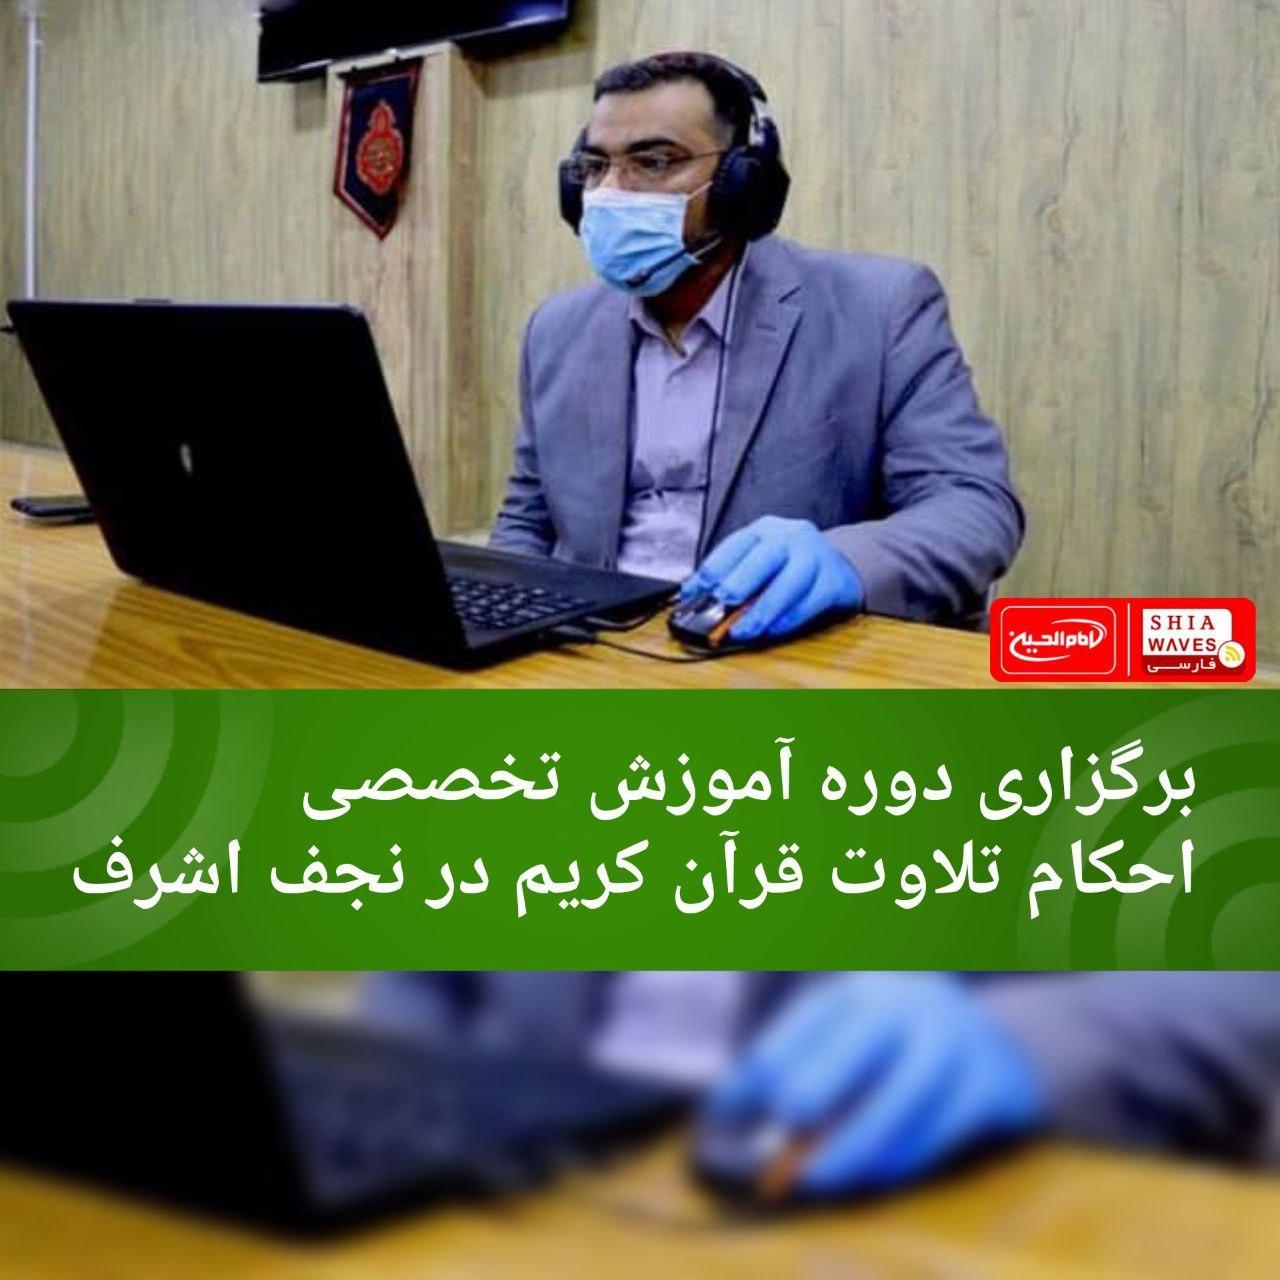 تصویر برگزاری دوره آموزش تخصصی احکام تلاوت قرآن کریم در نجف اشرف